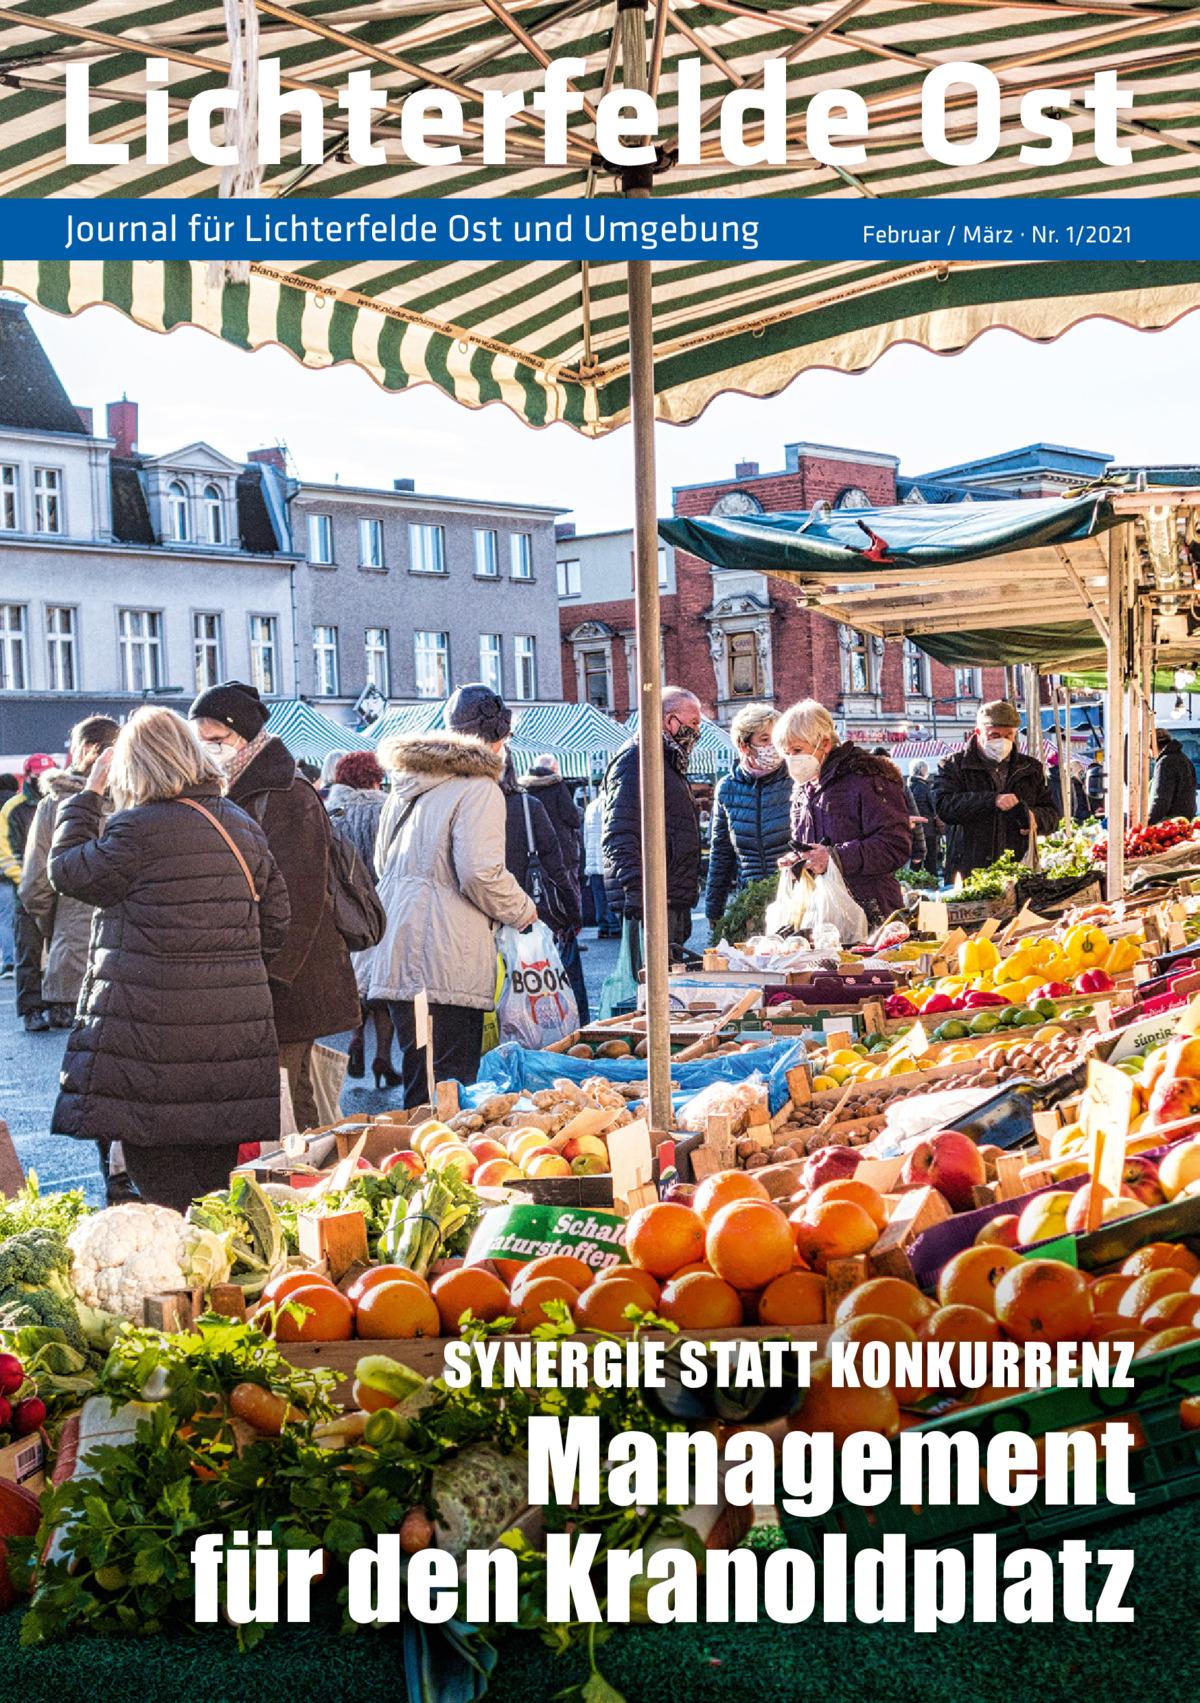 Lichterfelde Ost Journal für Lichterfelde Ost und Umgebung  Februar / März · Nr. 1/2021  SYNERGIE STATT KONKURRENZ  Management für den Kranoldplatz